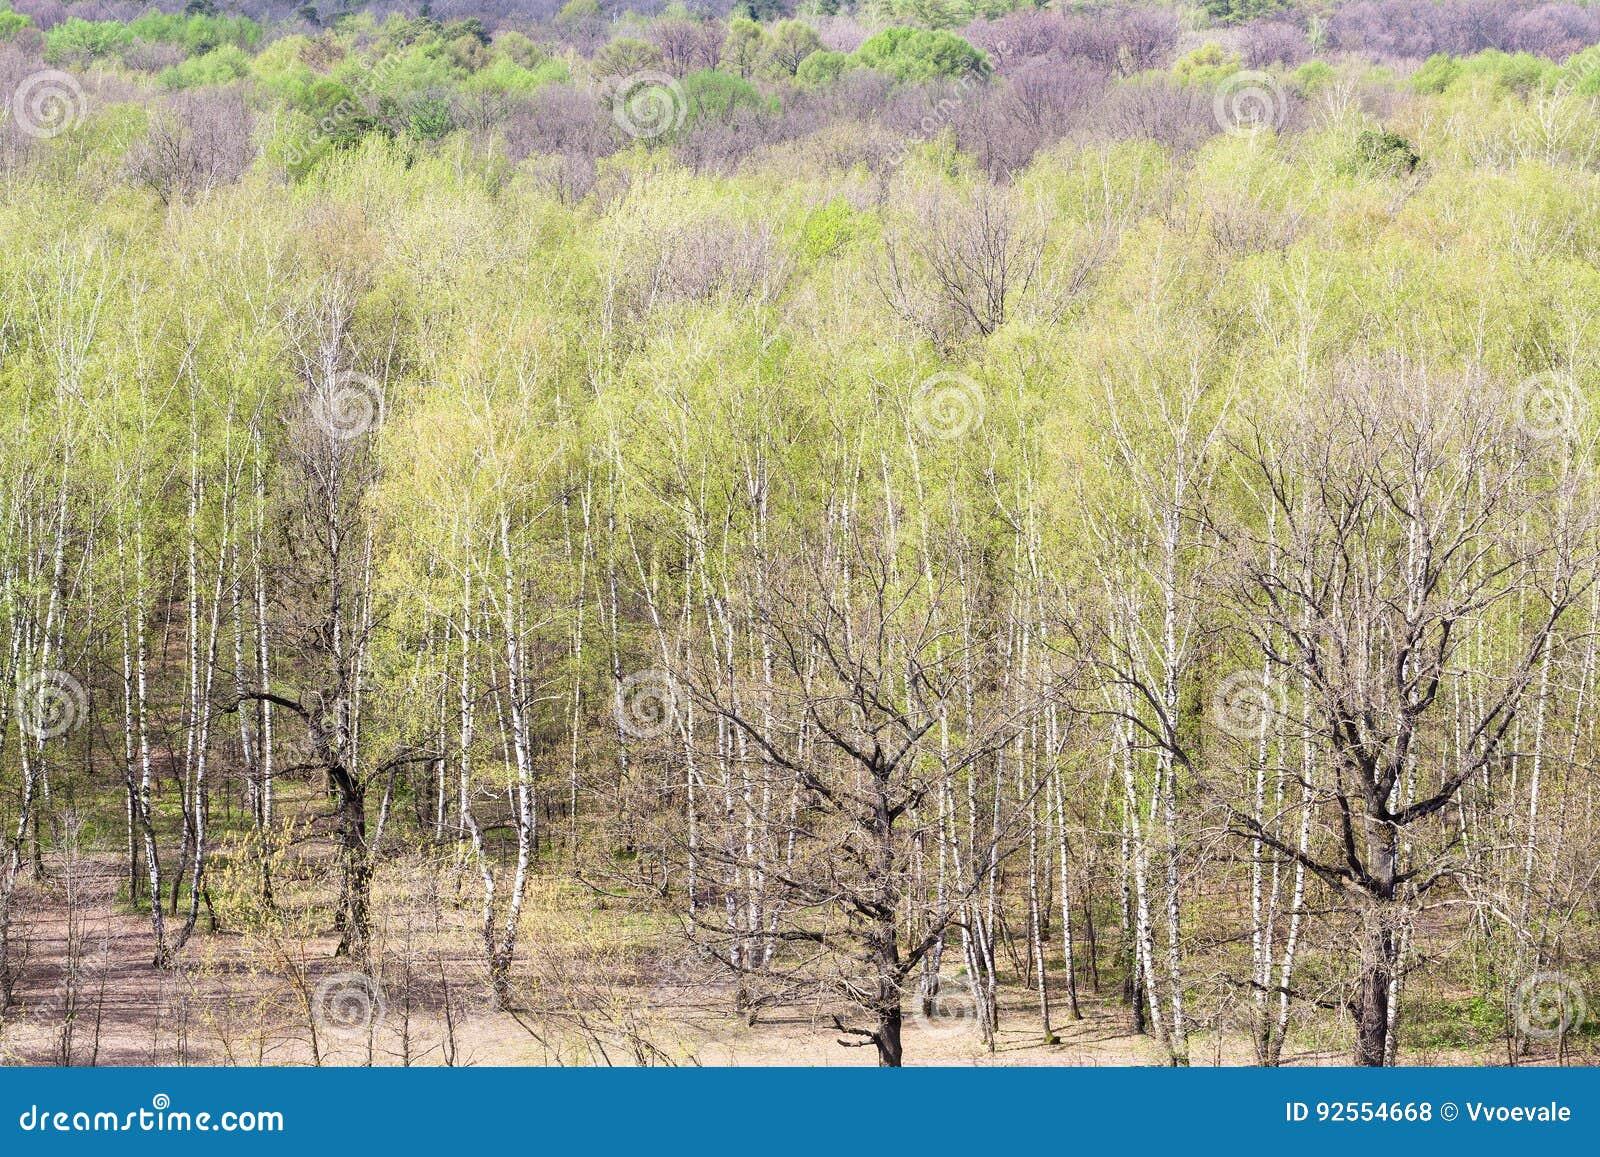 Sopra la vista del legno con fogliame verde in primavera